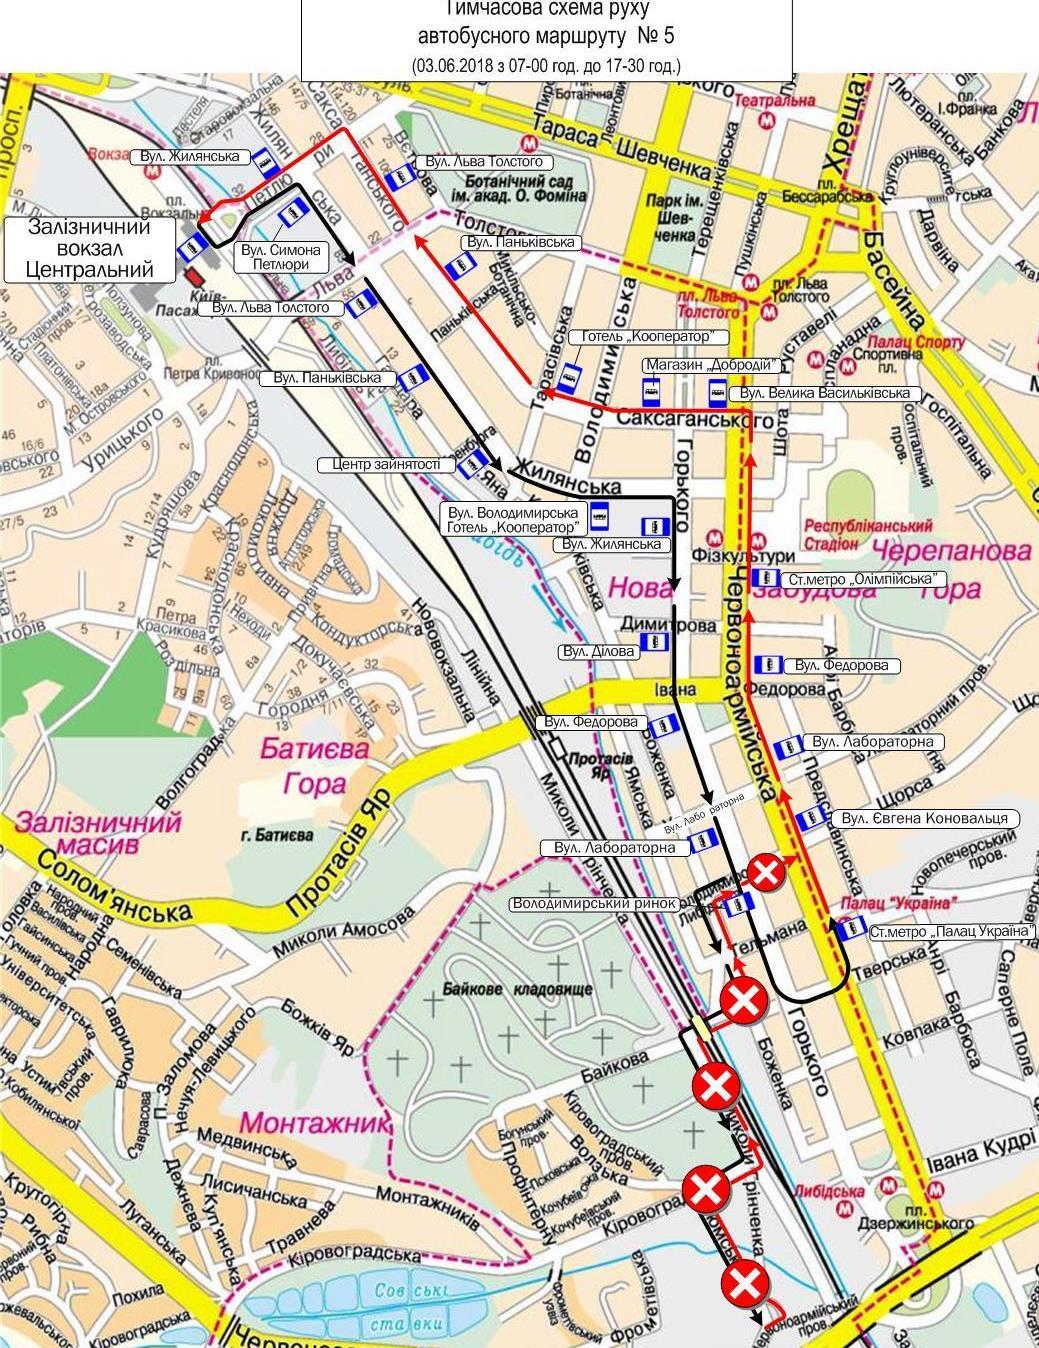 Временная схема проезда автобусов маршрута № 5